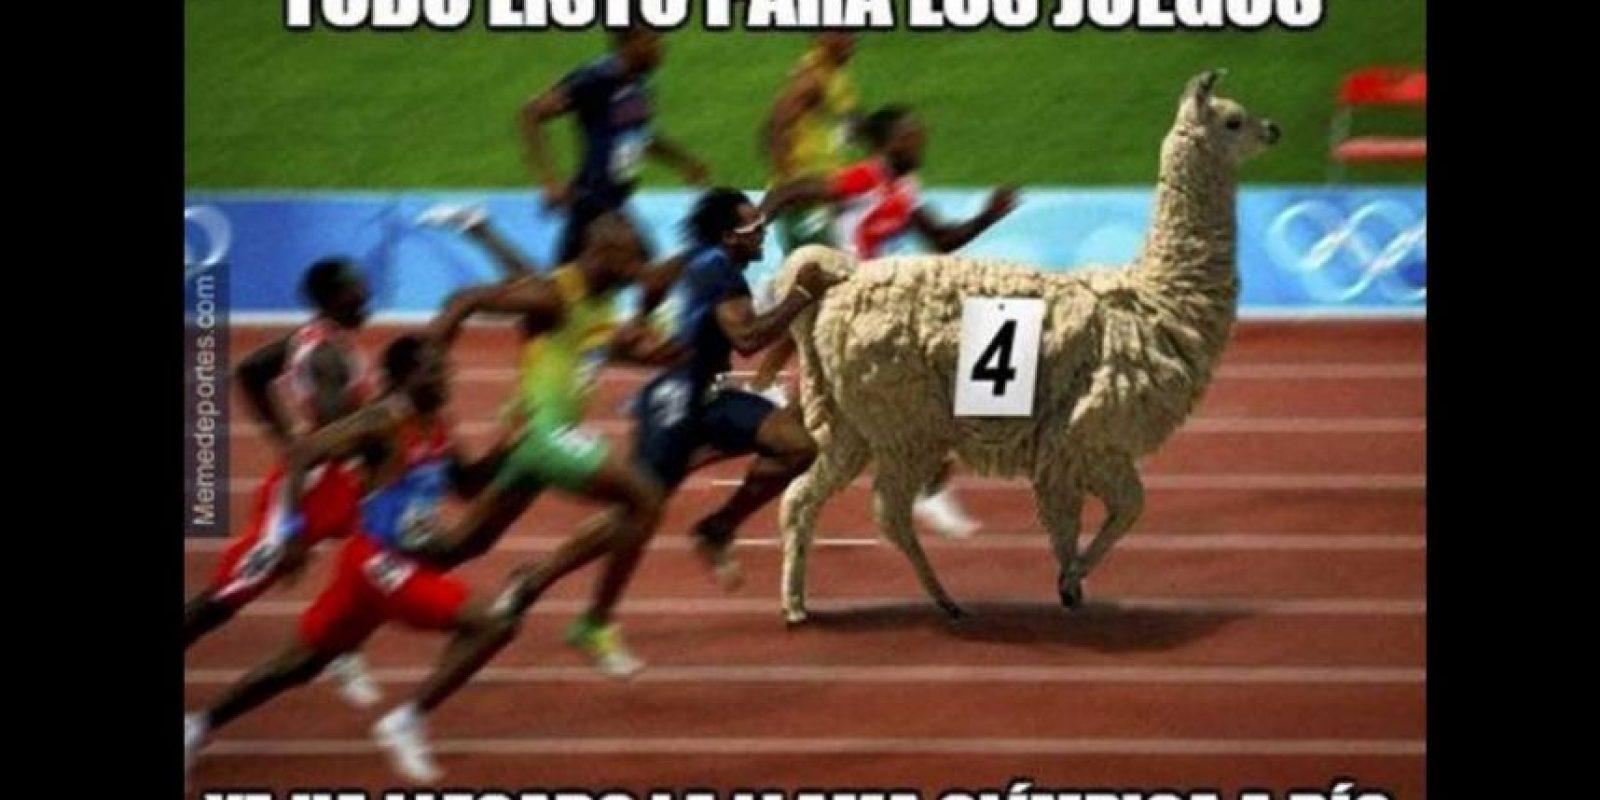 Estos fueron los mejores memes de Río 2016 Foto:memedeportes.com